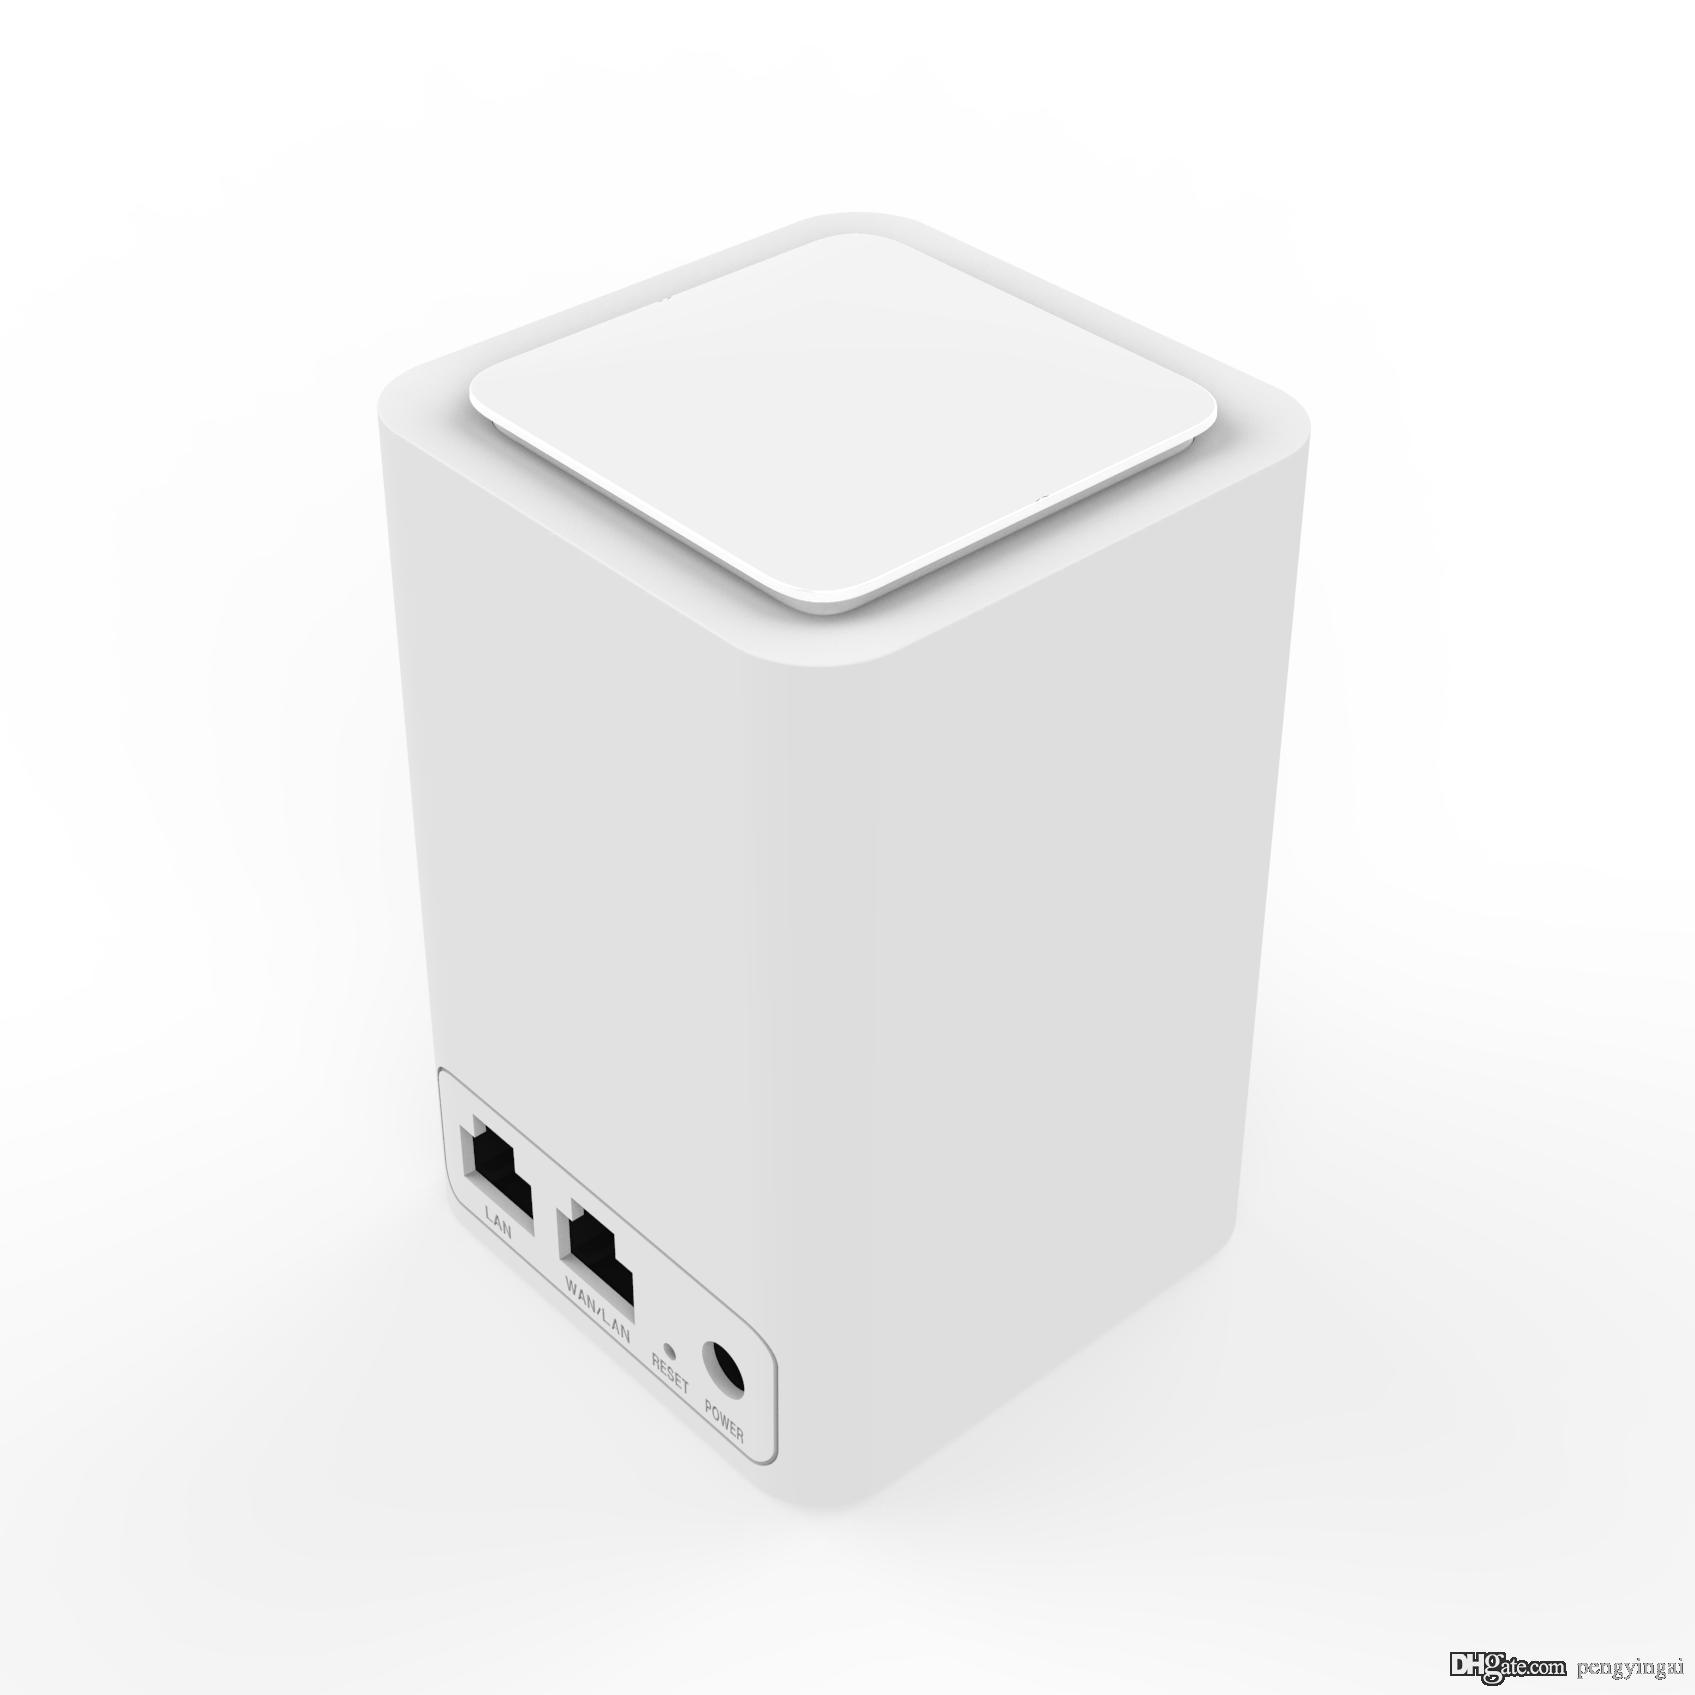 Birleşik Krallık / ABD / AB / AU Tak Sıcak satış Yüksek Kalite 300M 802.11N Ağ Kablosuz-N Tekrarlayıcı / Yönlendirici / AP